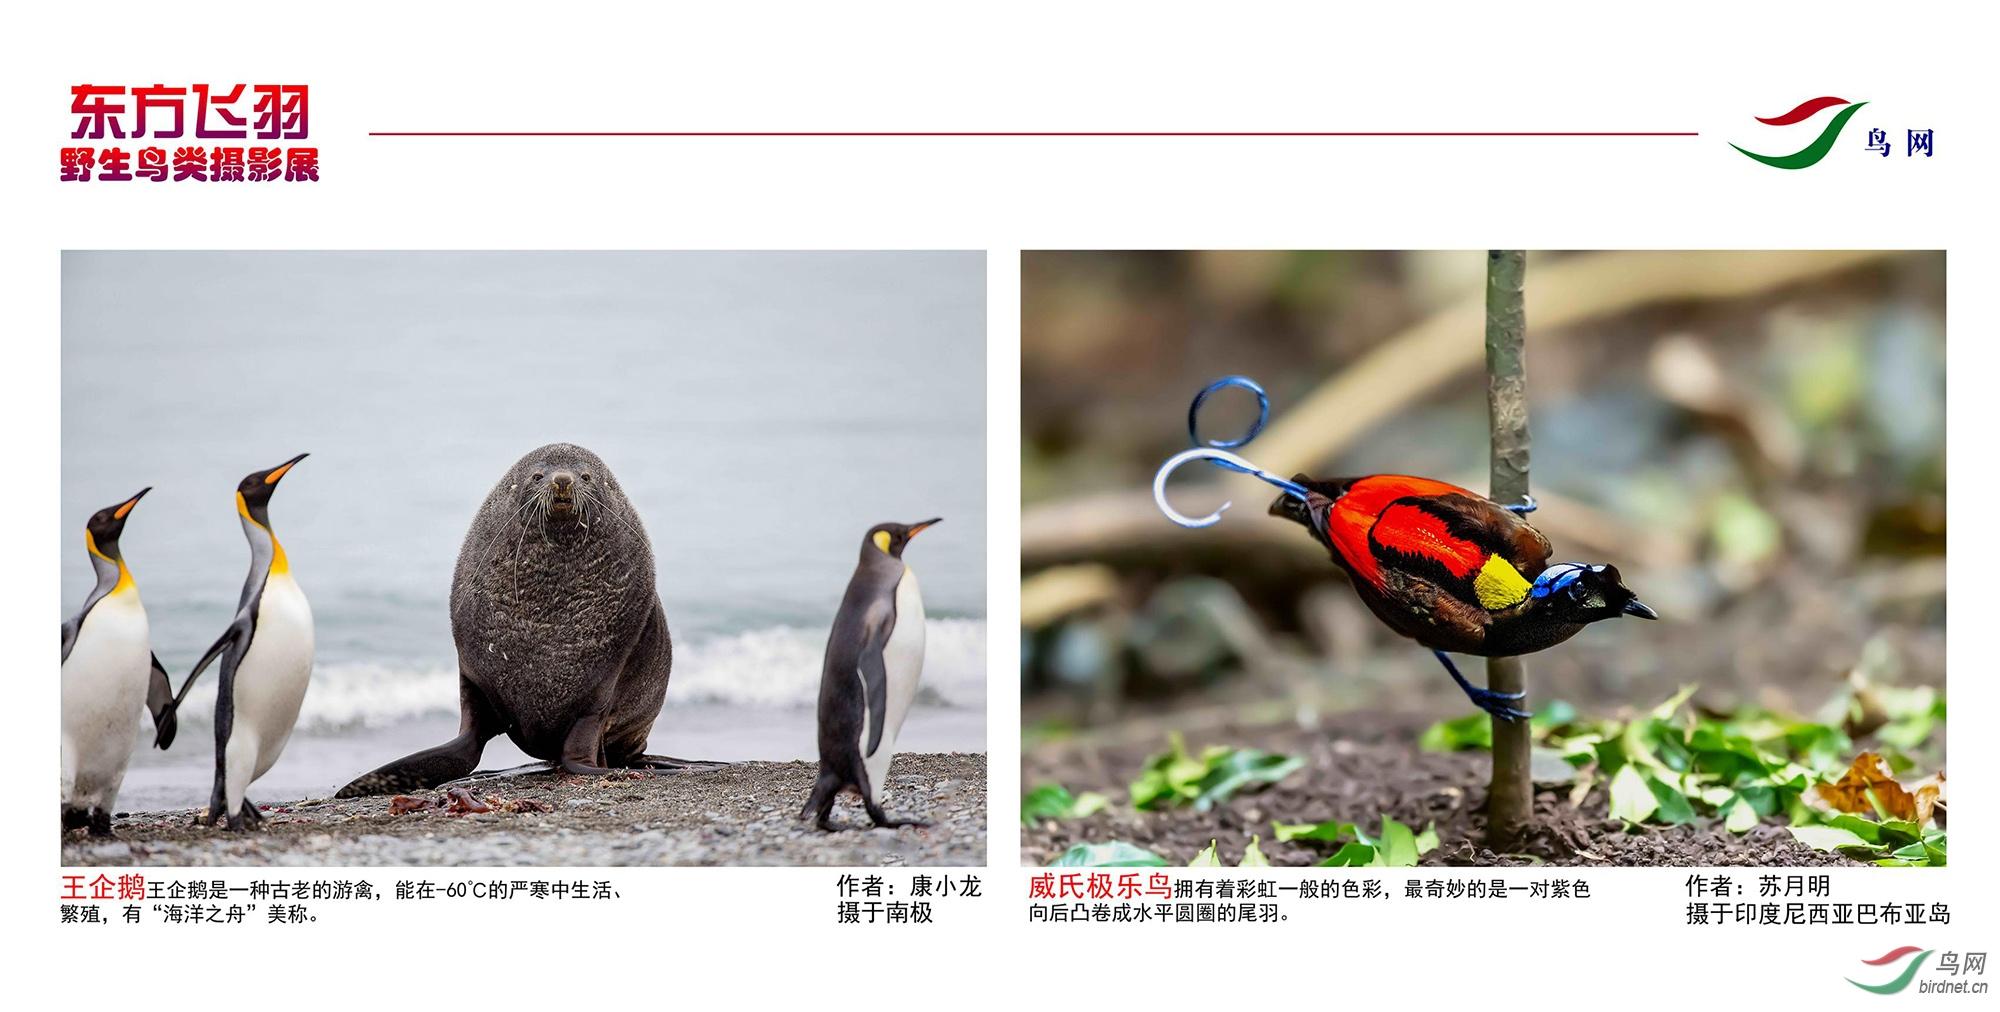 1_东方明珠摄影展照片_07.jpg